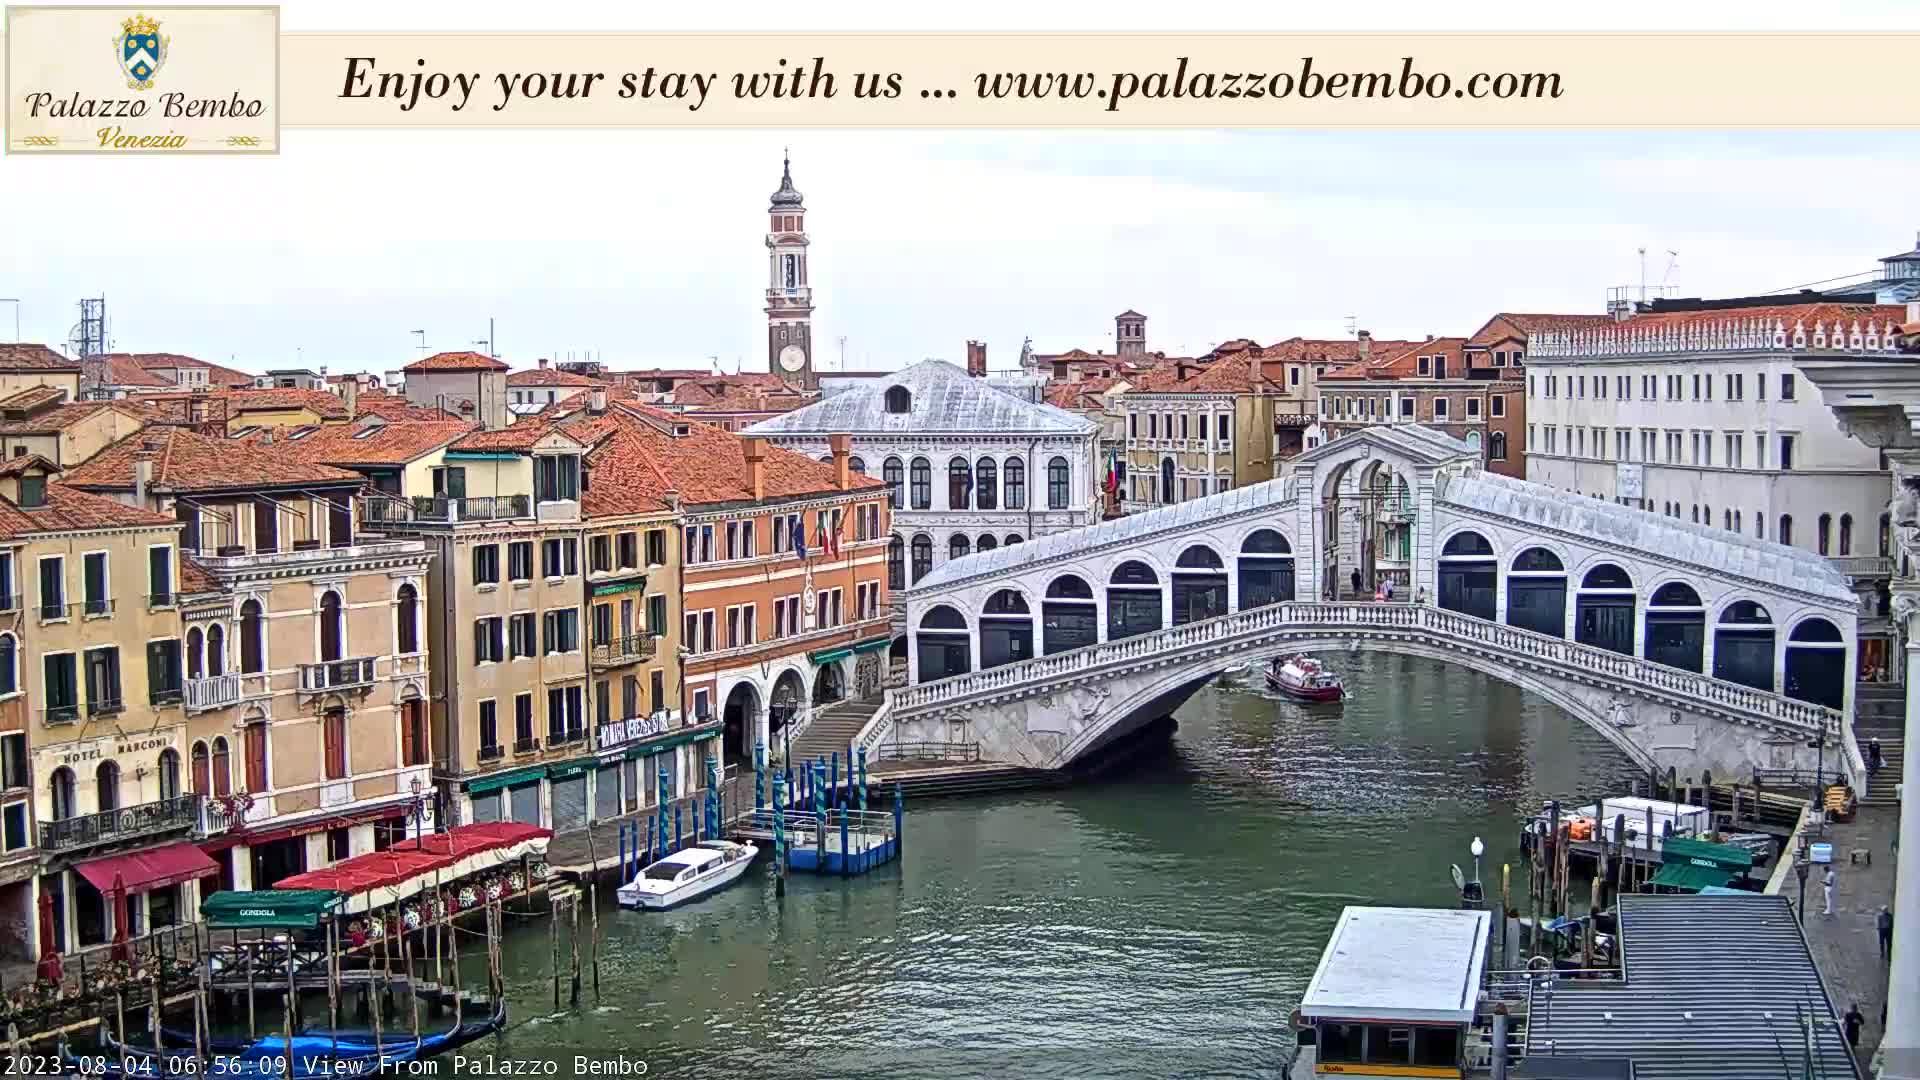 Venice Mon. 06:56